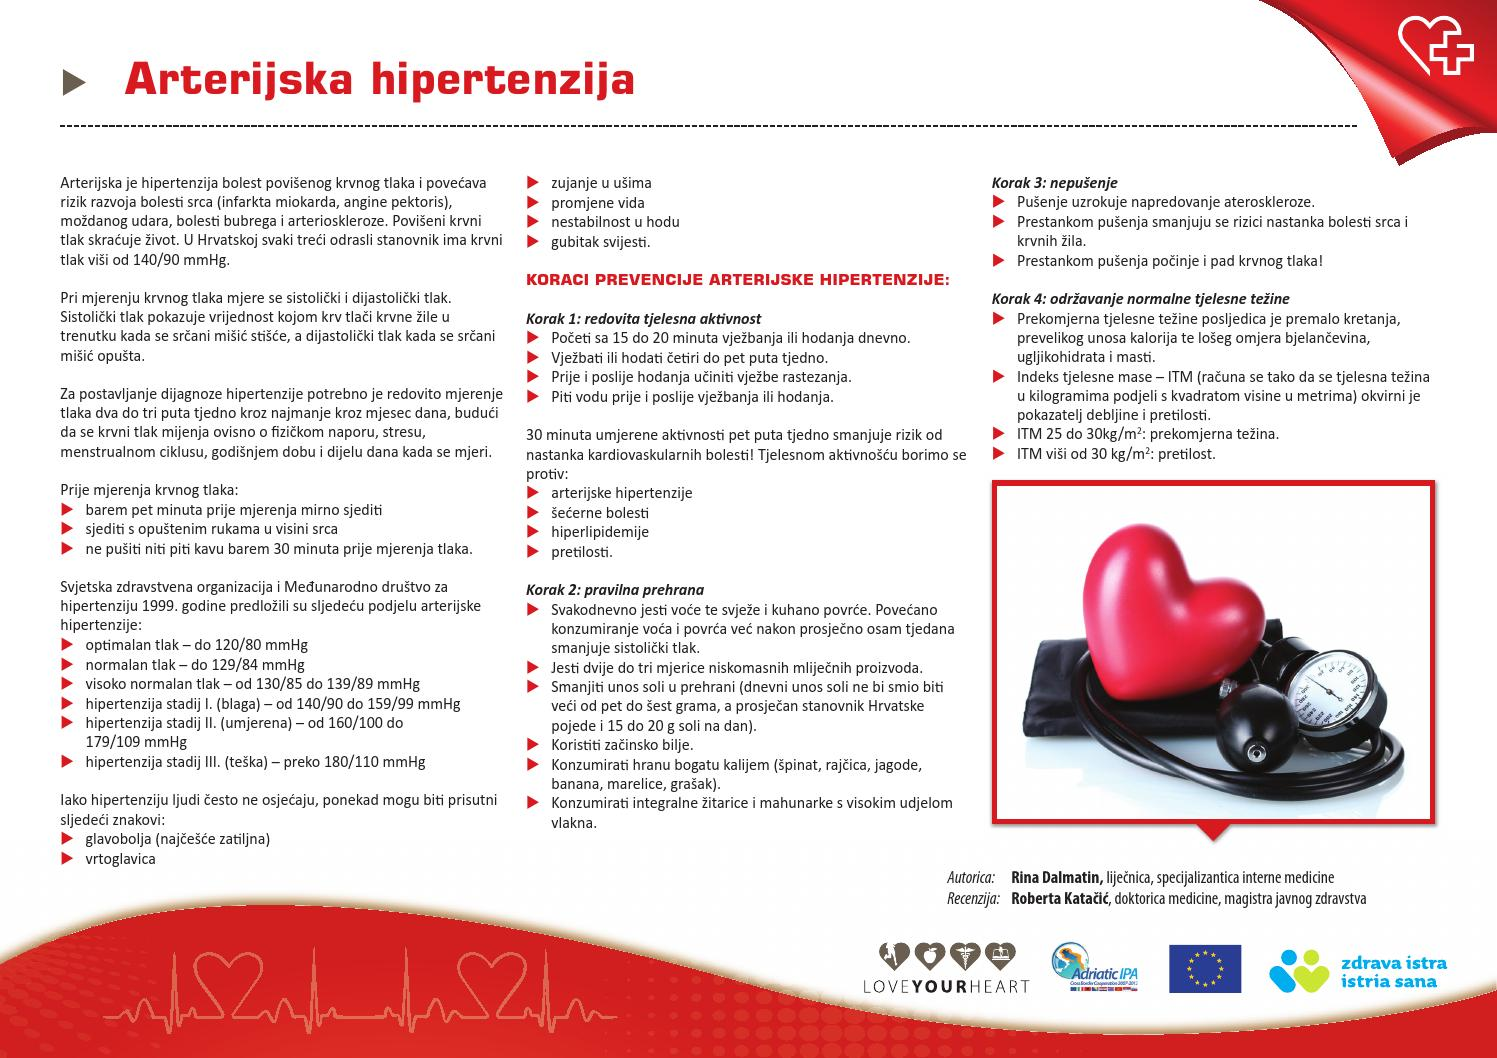 hipertenzija, a što posljedice)